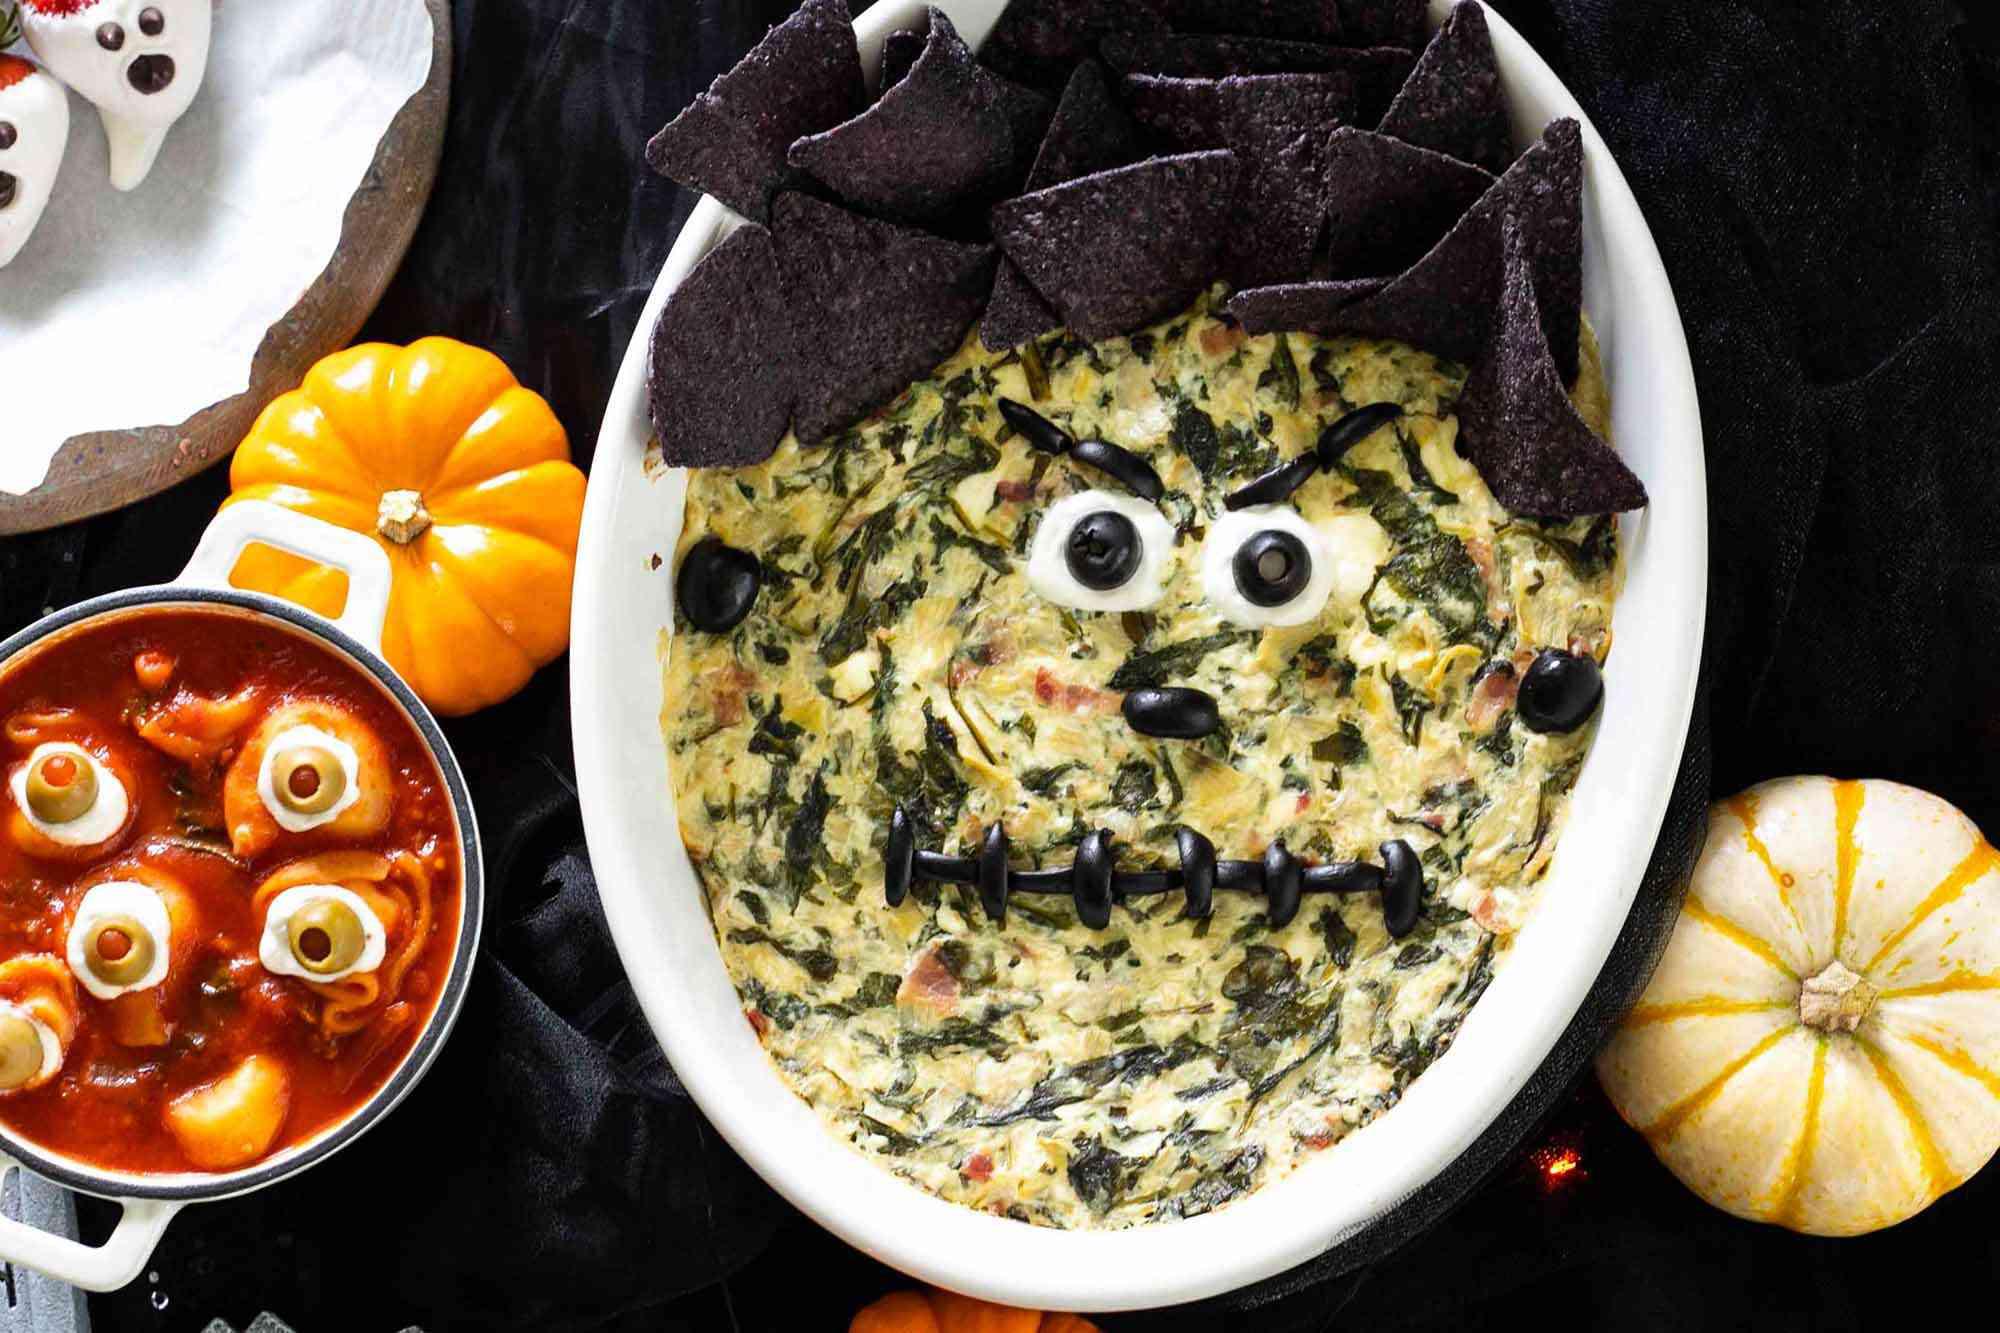 Frankenstein spinach and artichoke dip